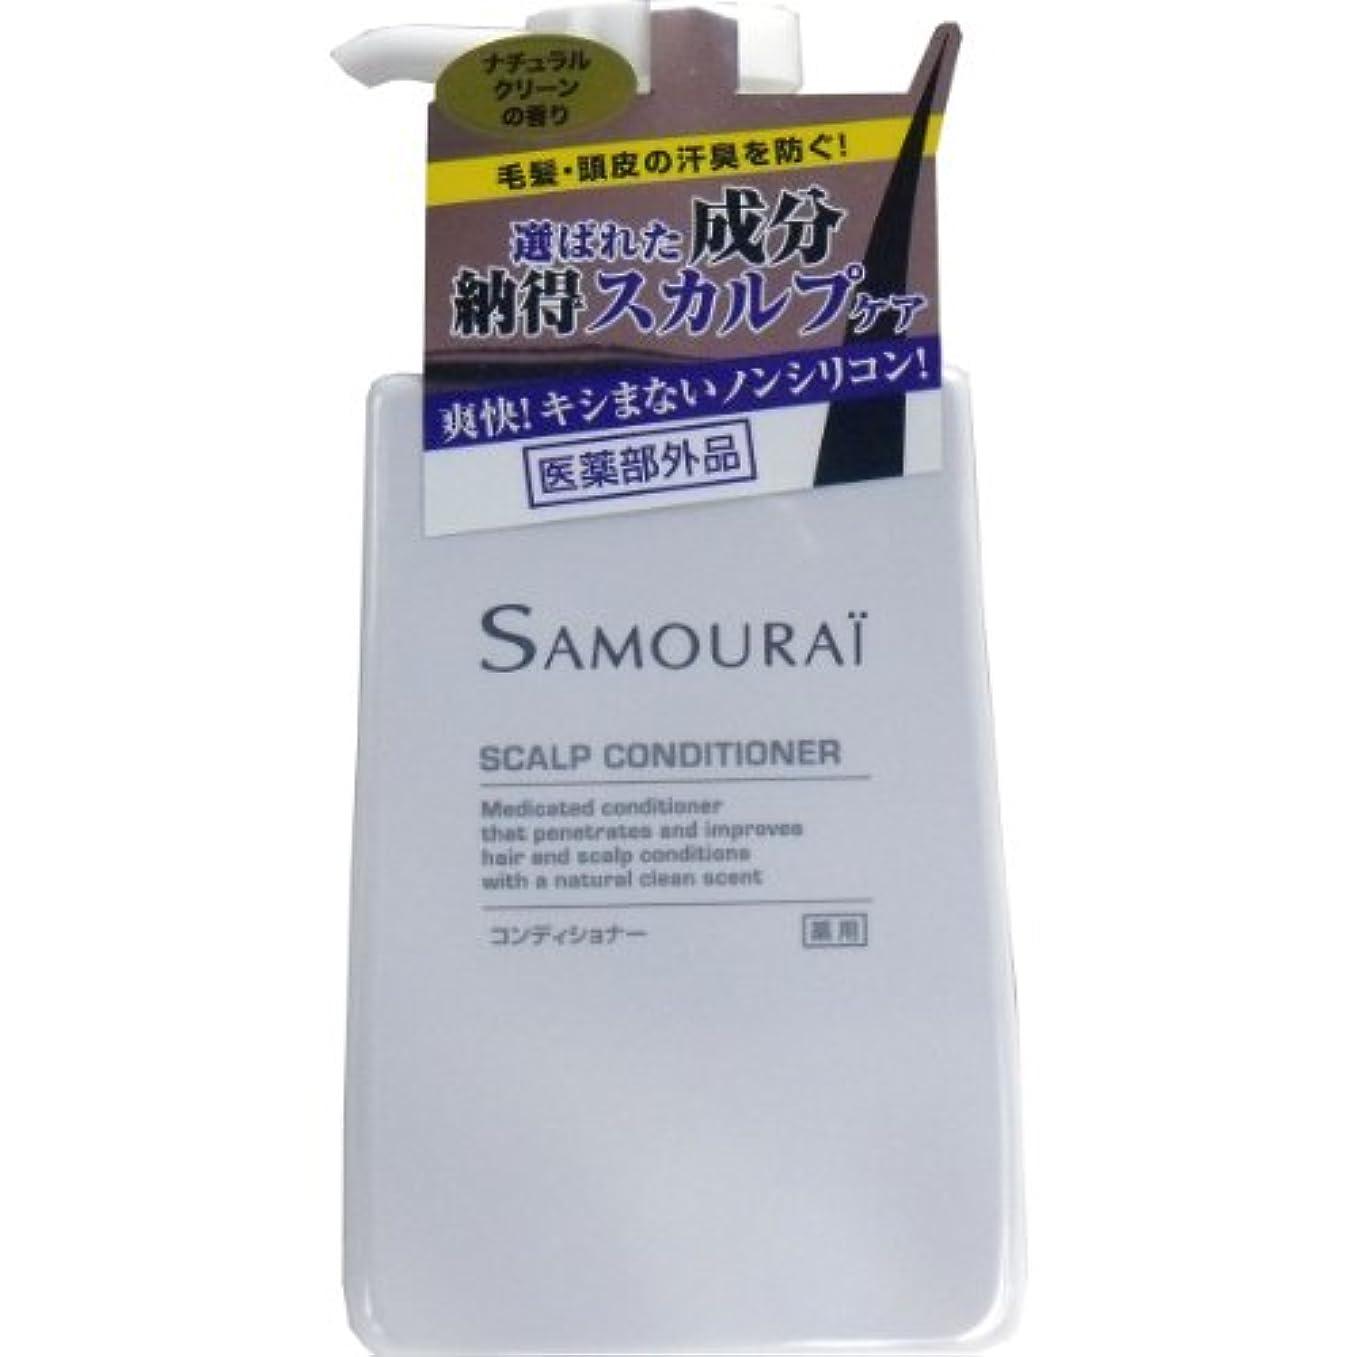 ミルクほんの上昇サムライ 薬用コンディショナー 300mL